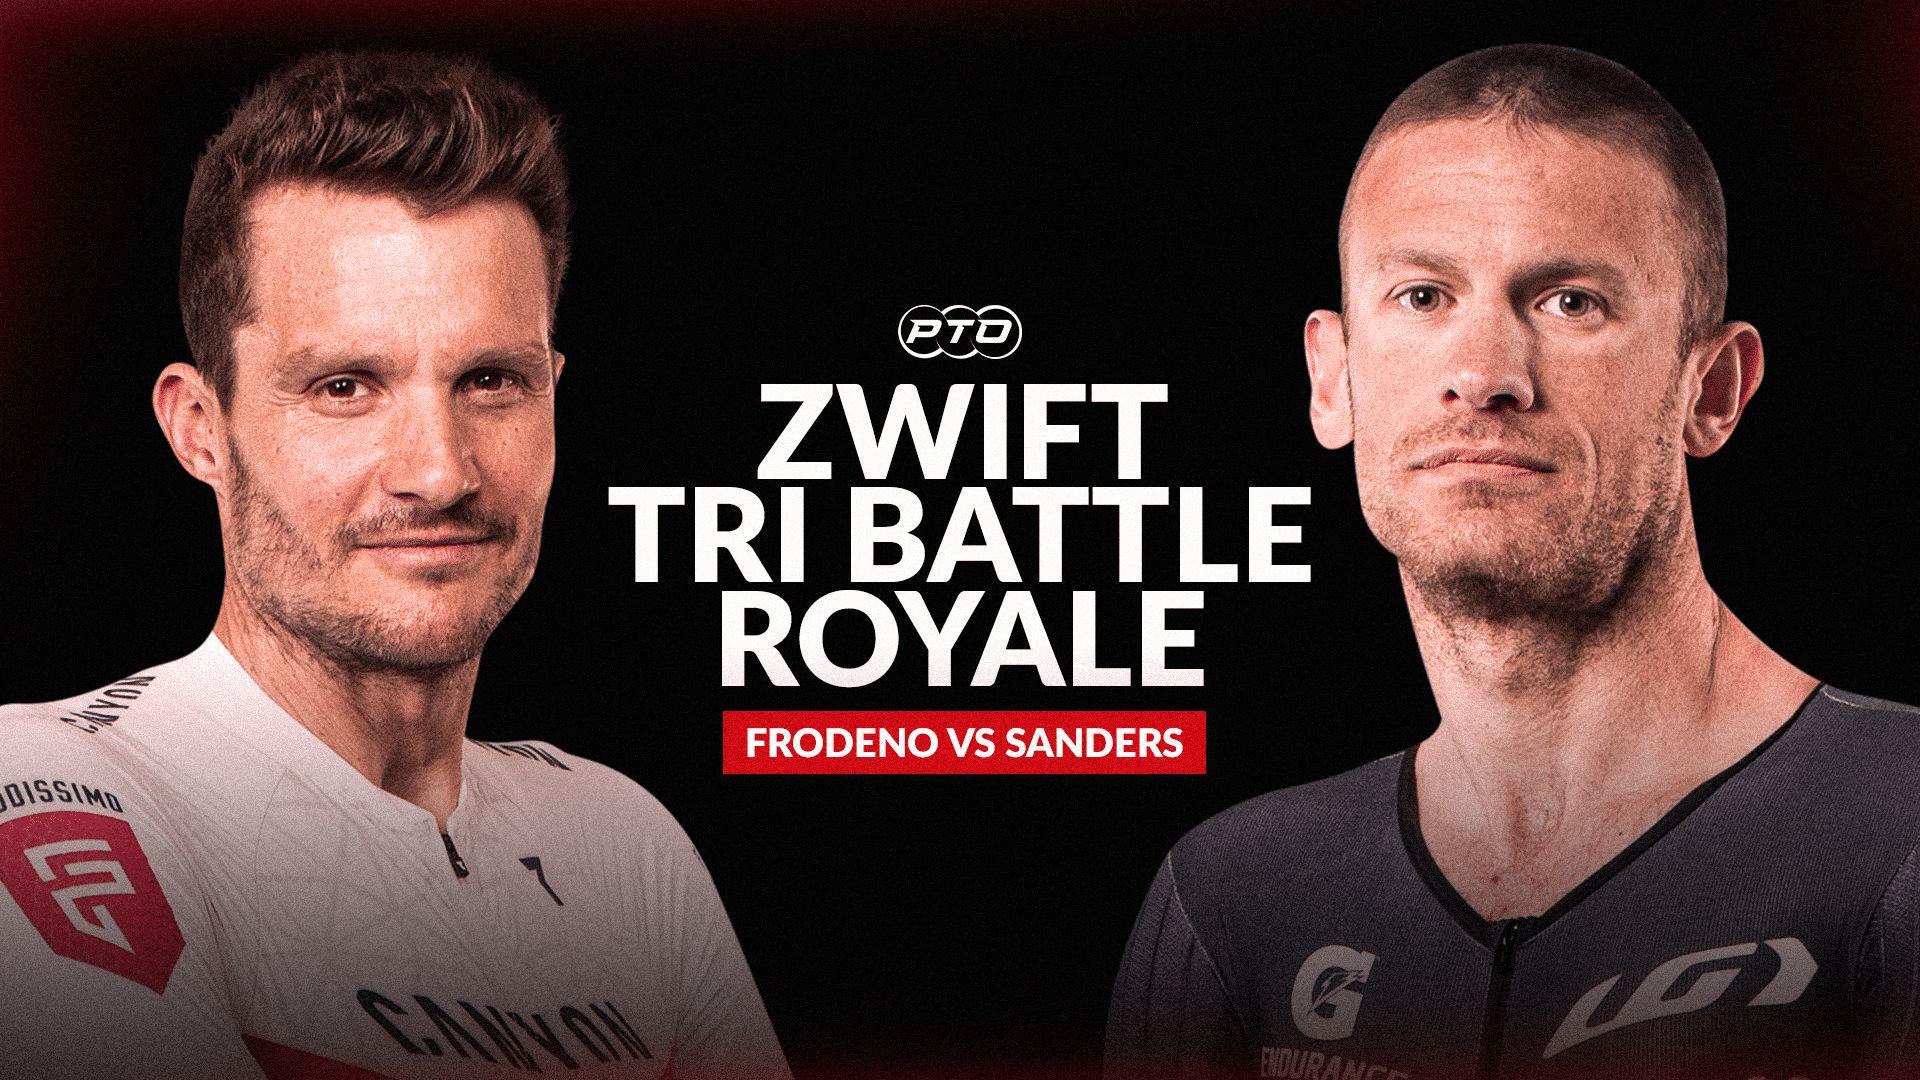 Zwift Tri Battle Royal Preview